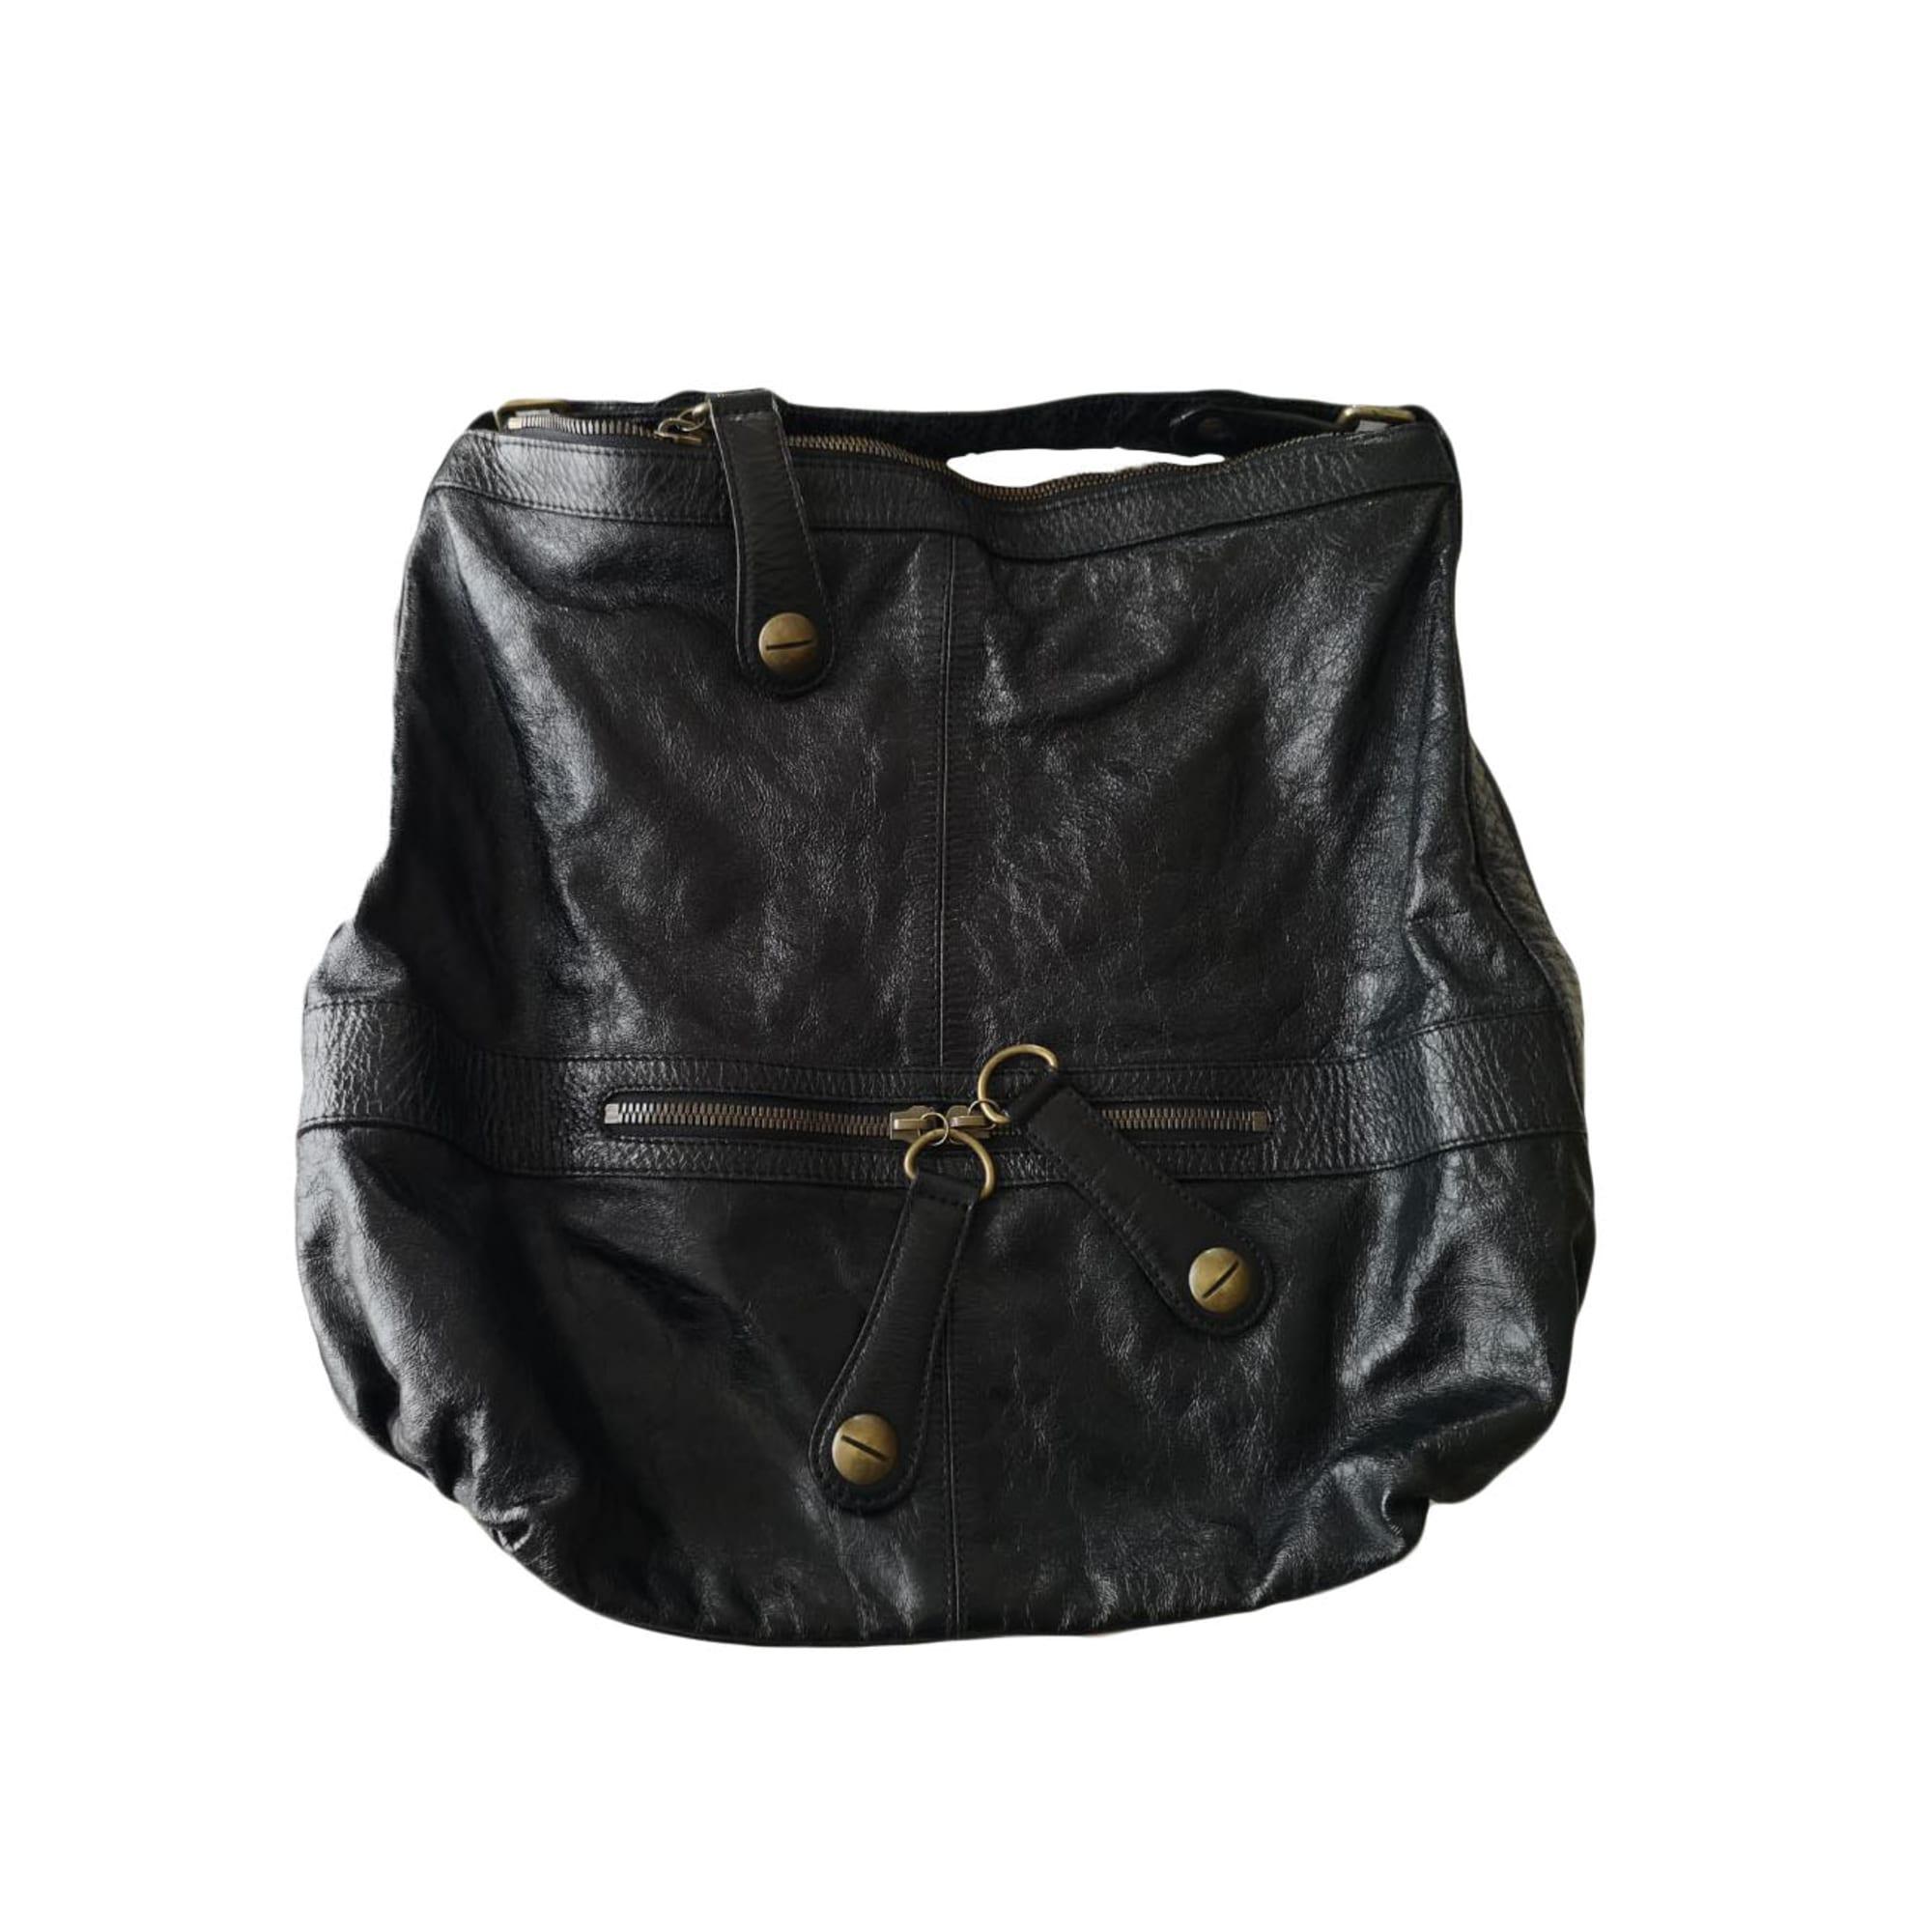 Sac en bandoulière en cuir GERARD DAREL noir - 8232587 29db7085c43f